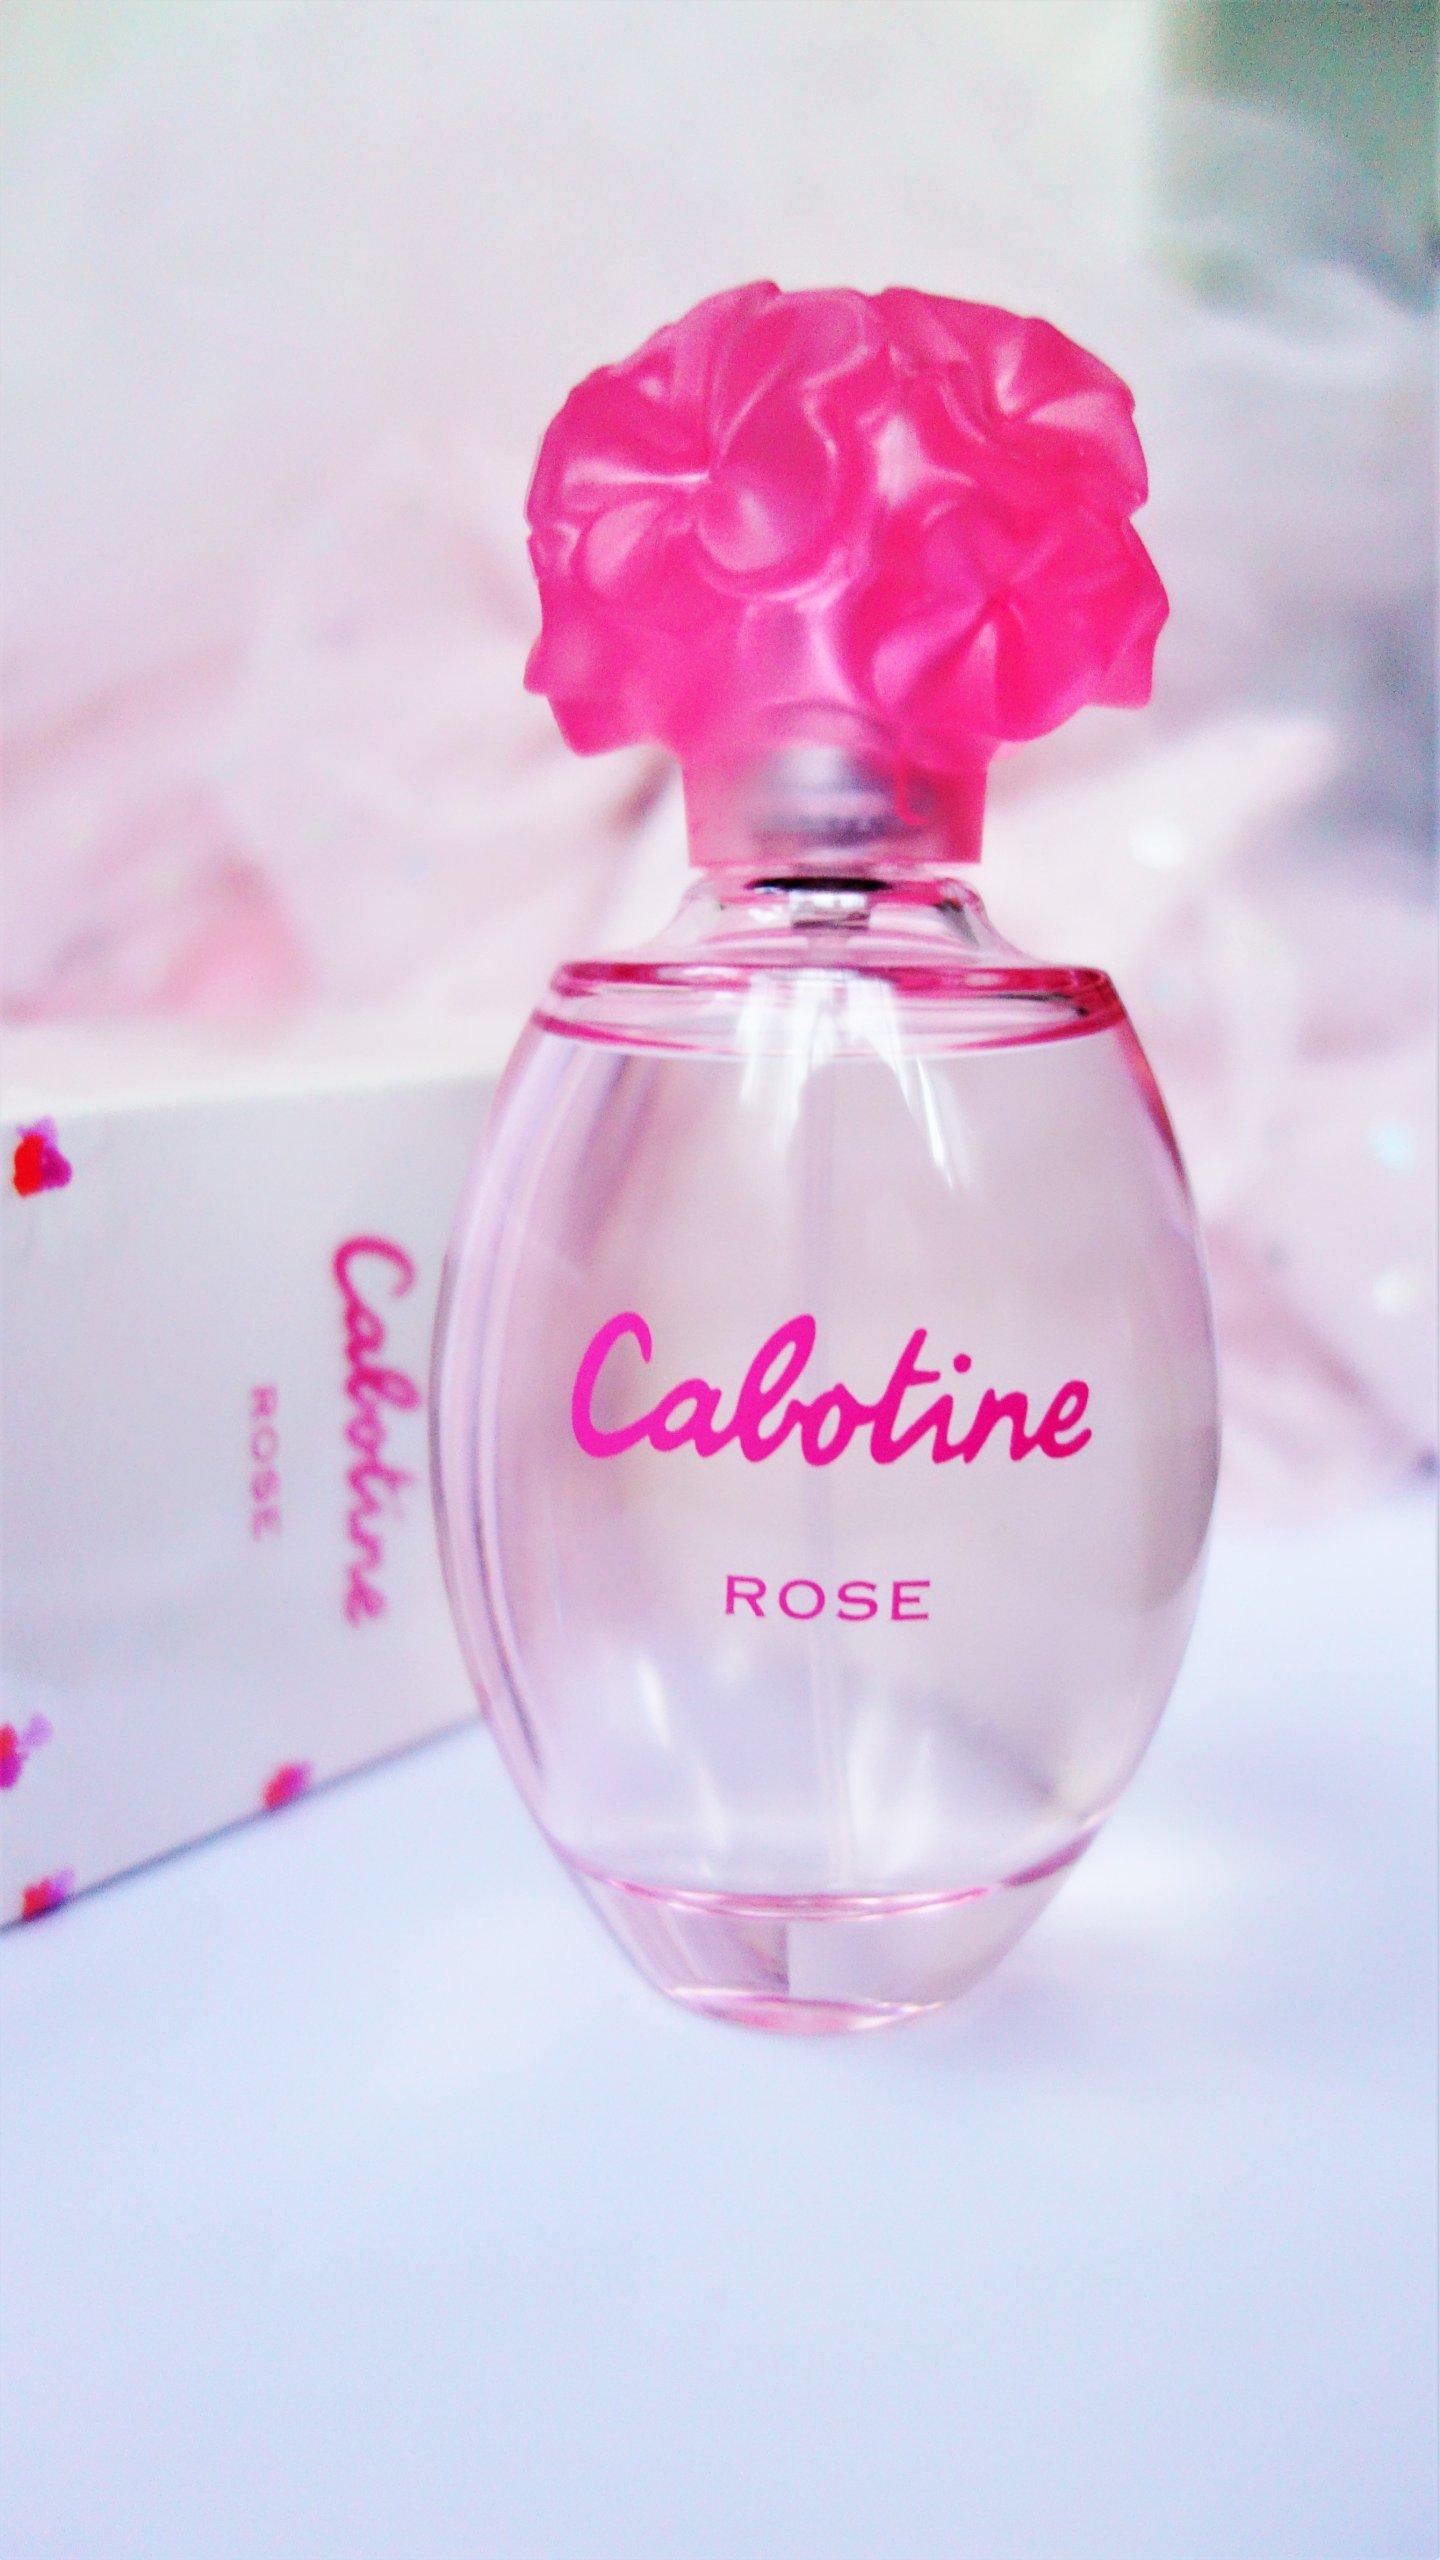 Cabotine Rose Gres Francuskie Nowe 100ml 7160193552 Oficjalne Women